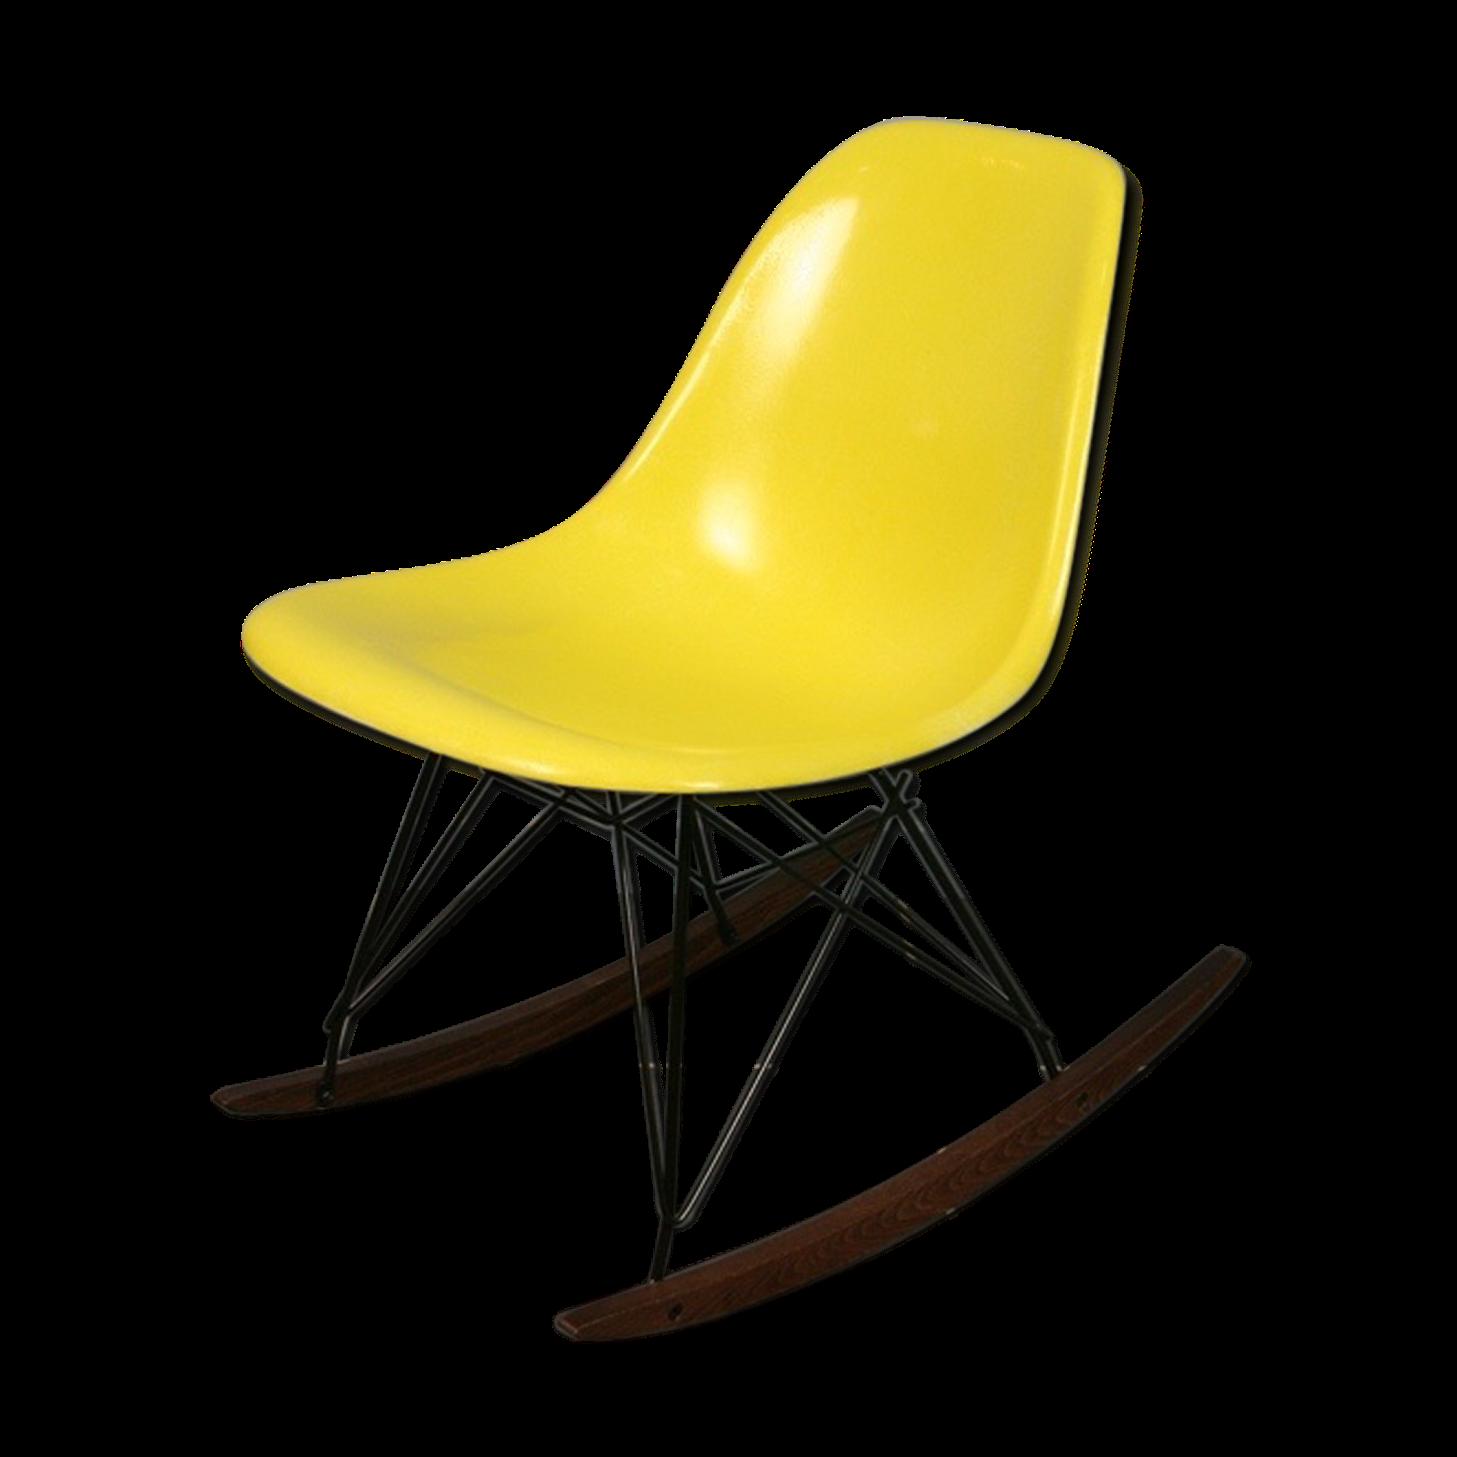 chaise bascule eames amazing fauteuil design a bascule. Black Bedroom Furniture Sets. Home Design Ideas